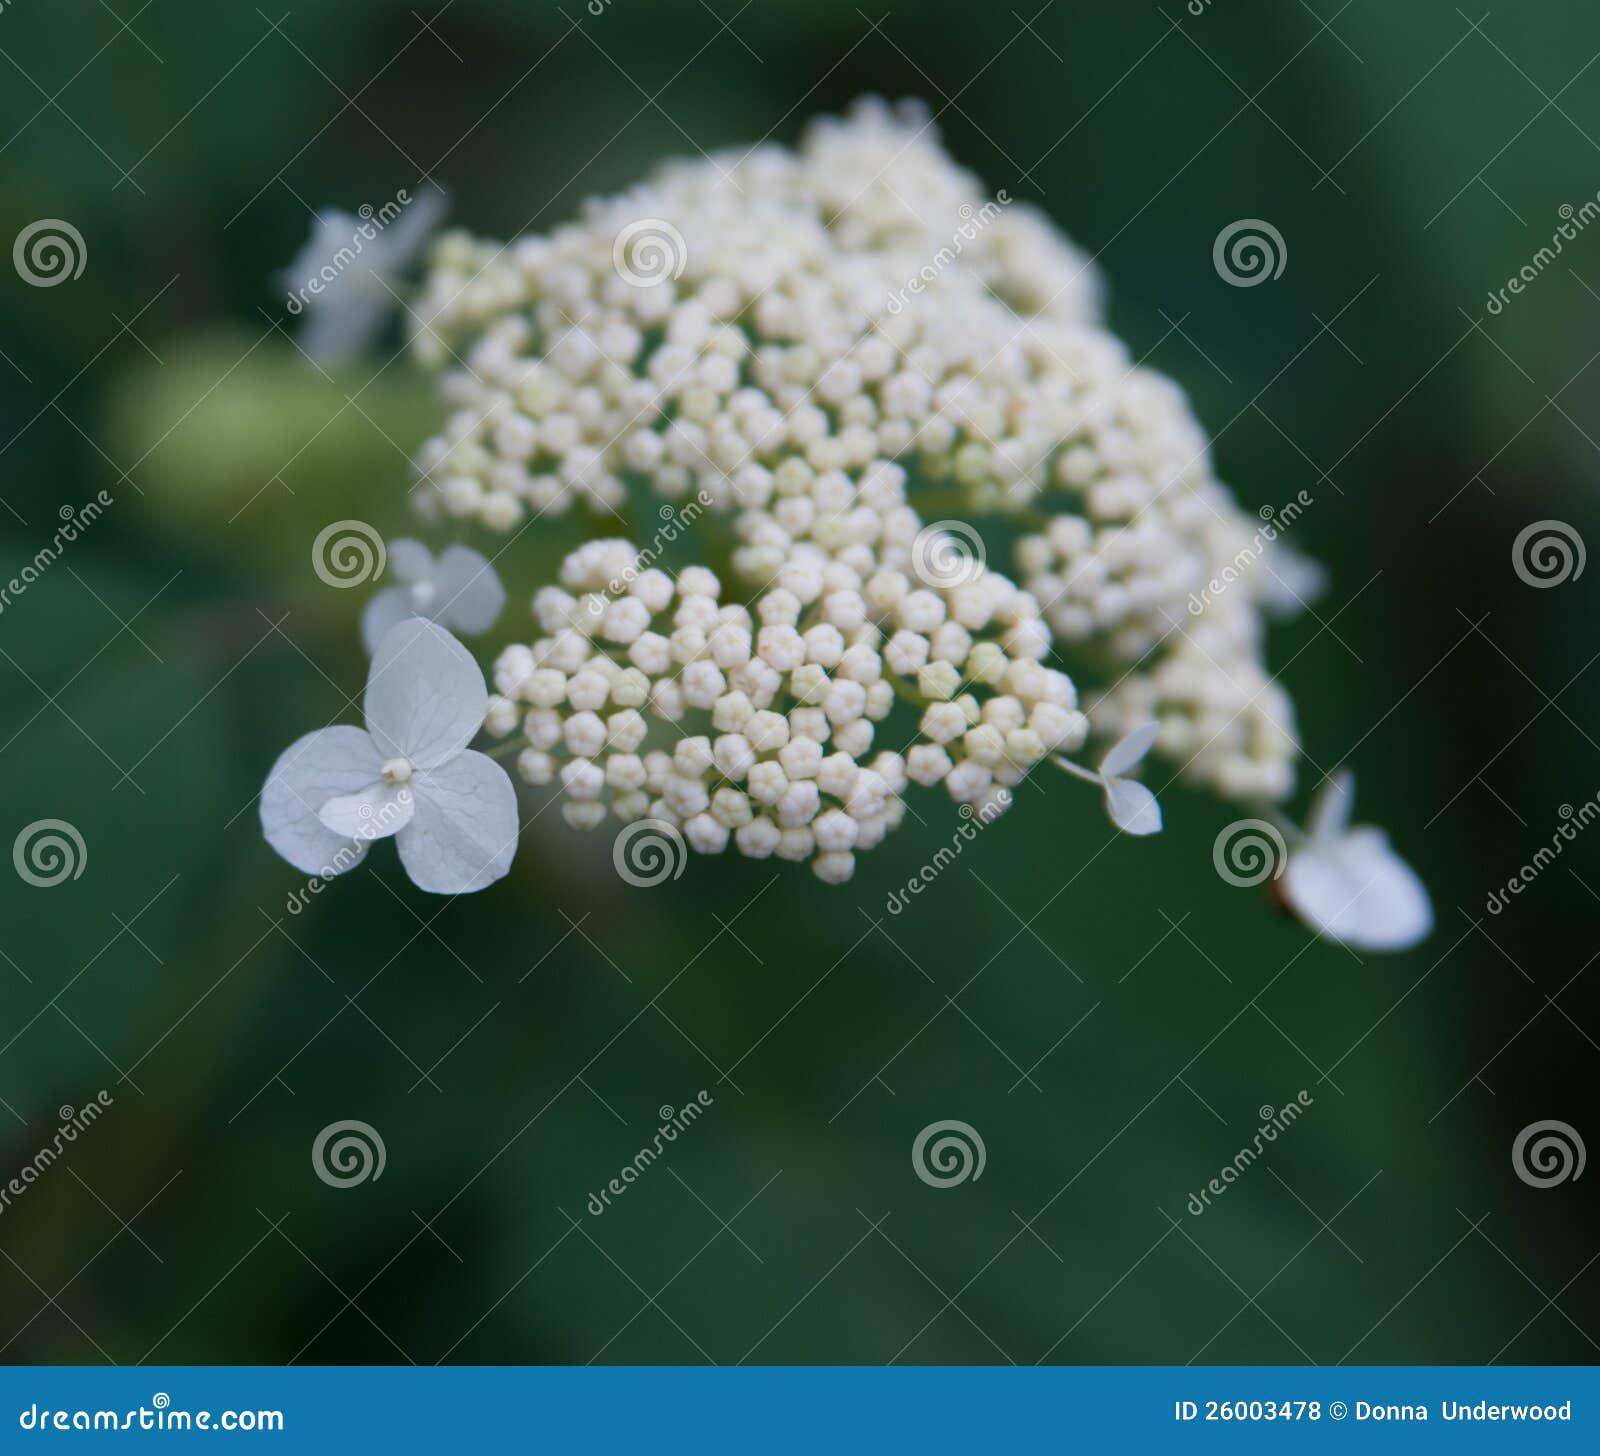 Weiße wilde Hortensie